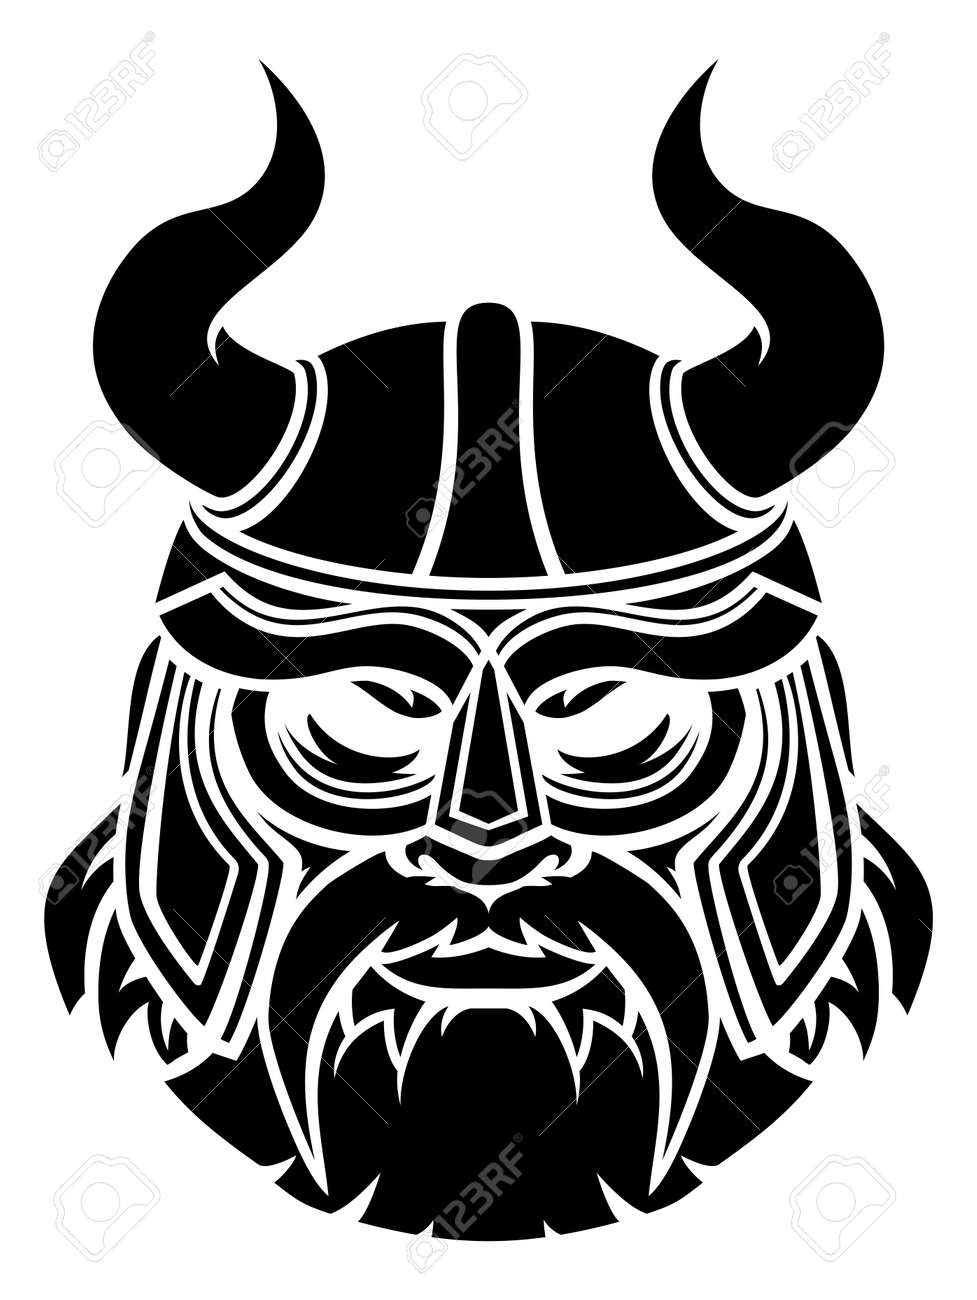 Viking Mascot - 151115775